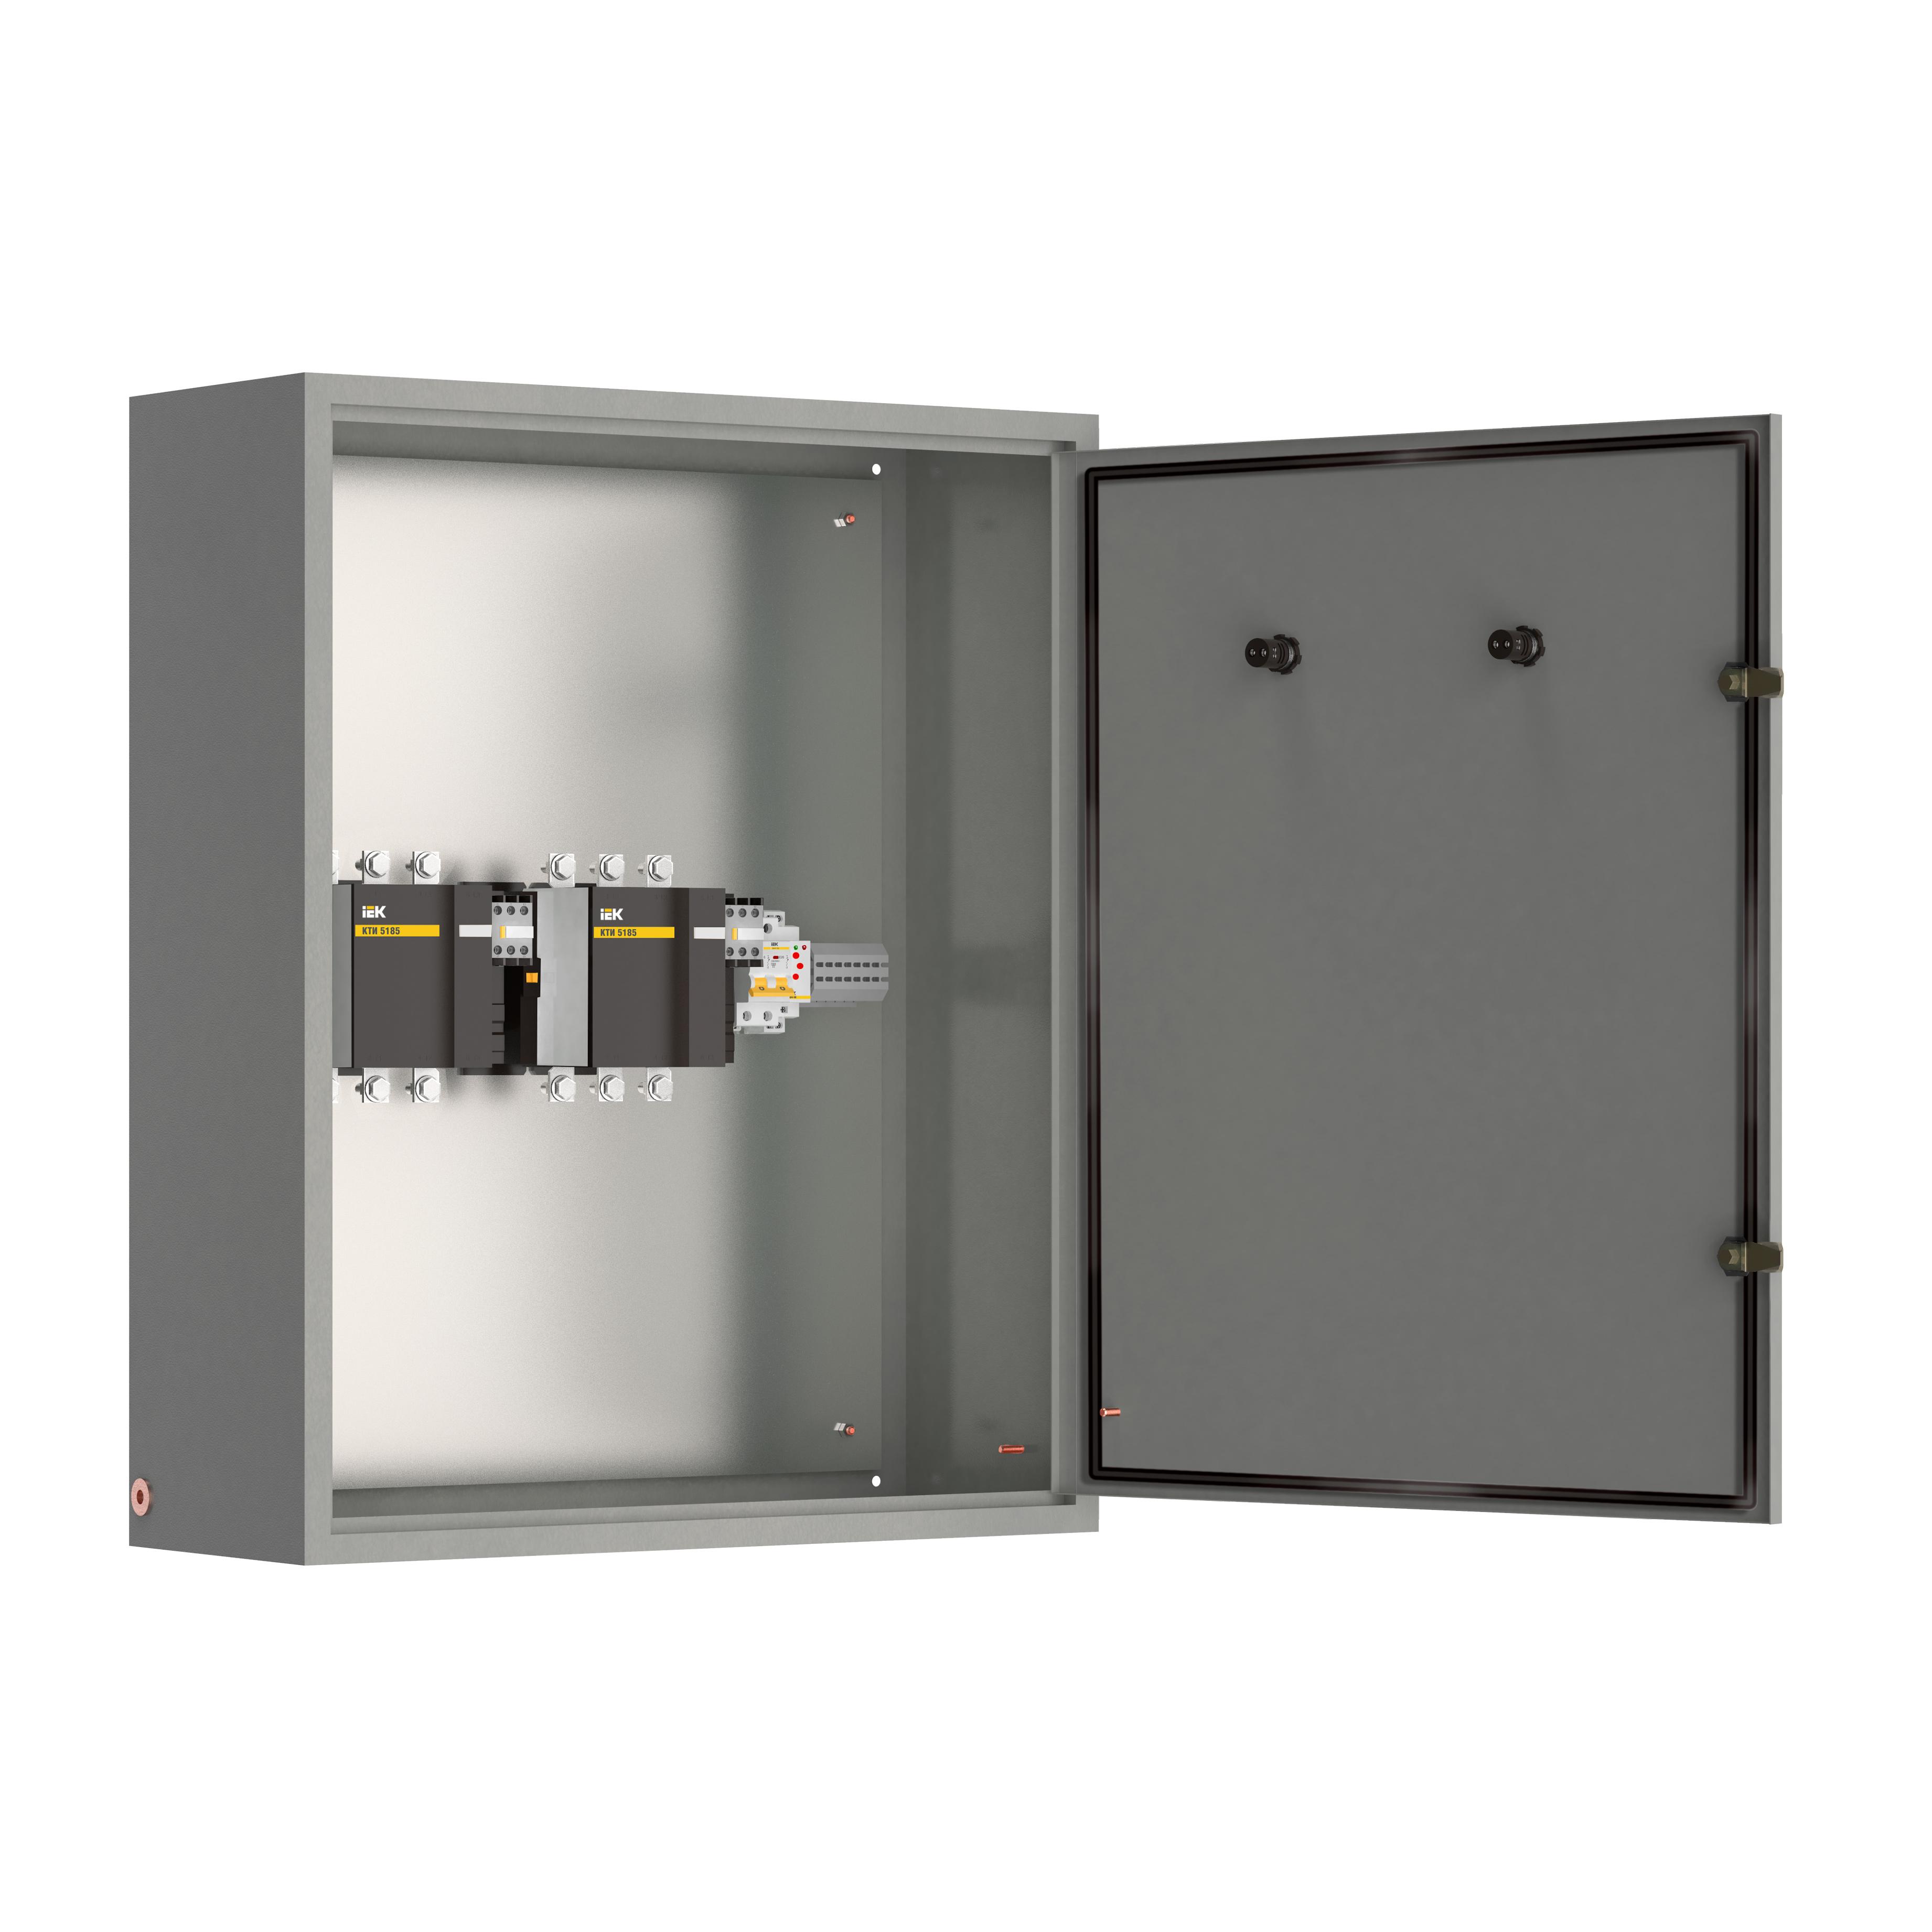 Шкаф управления ШУ8253-22А2 УХЛ4 выключатели автоматические 1Р 1х6А 3Р 1х6А контакторы 2х115А IEK